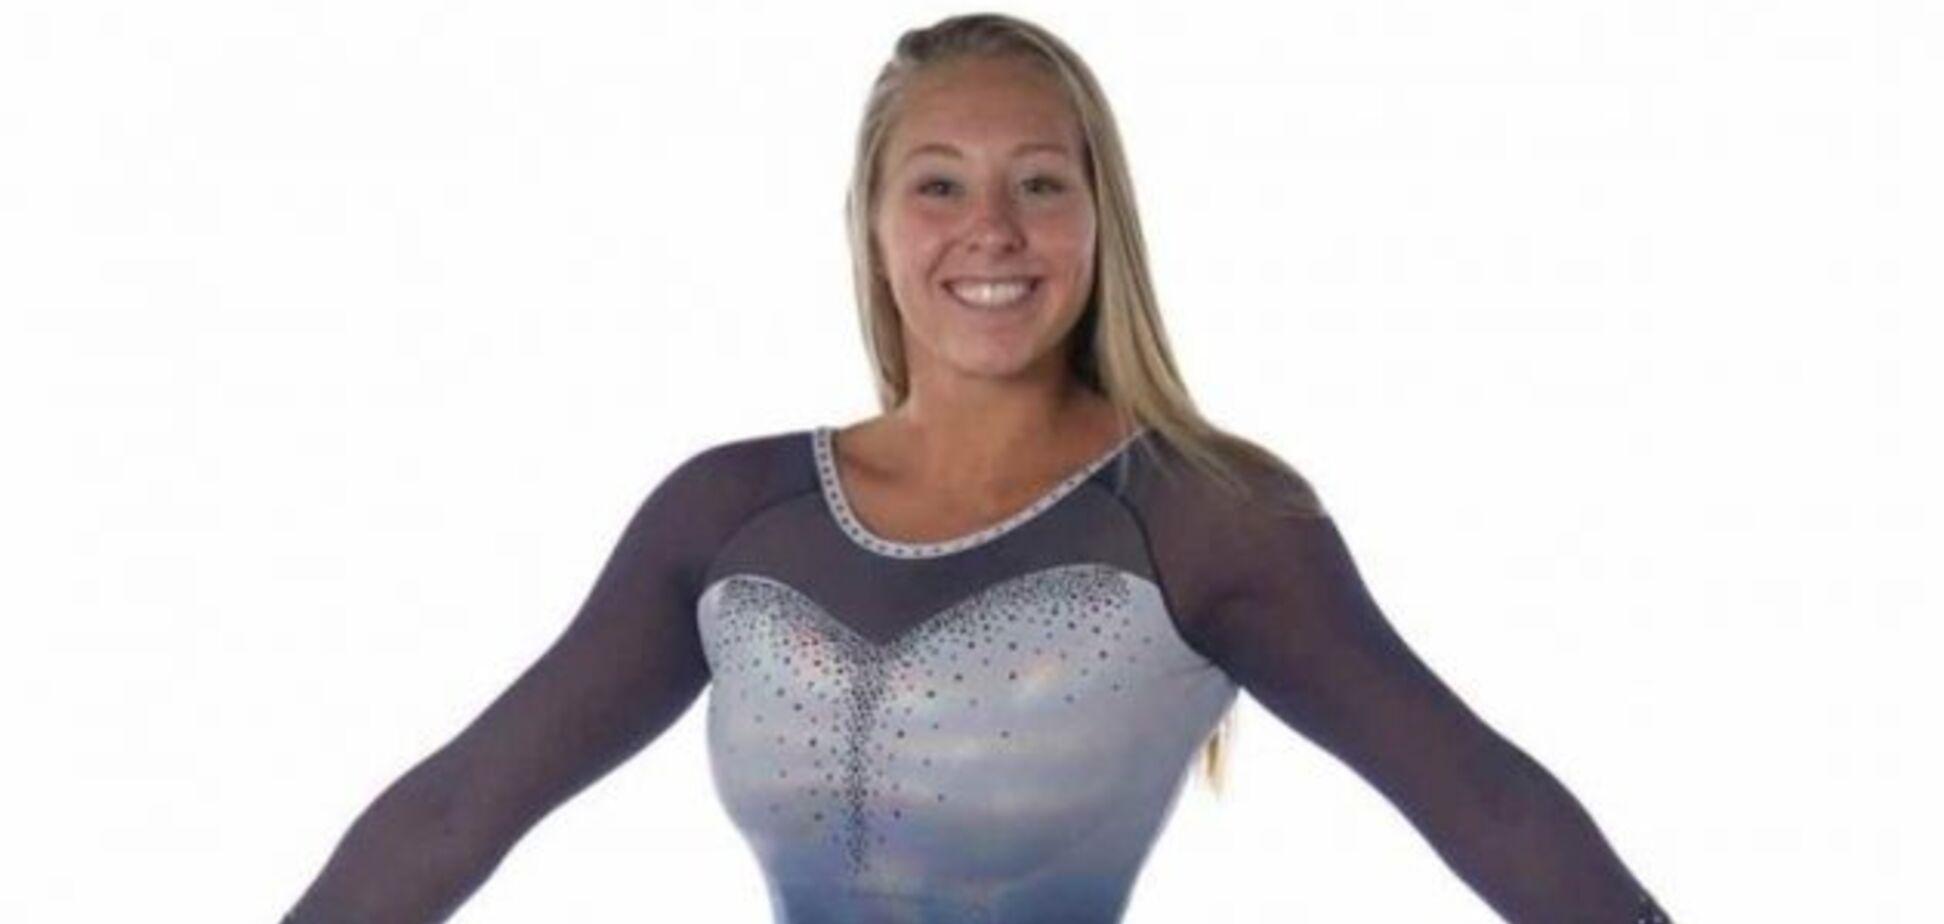 Американская гимнастка умерла, сломав позвоночник